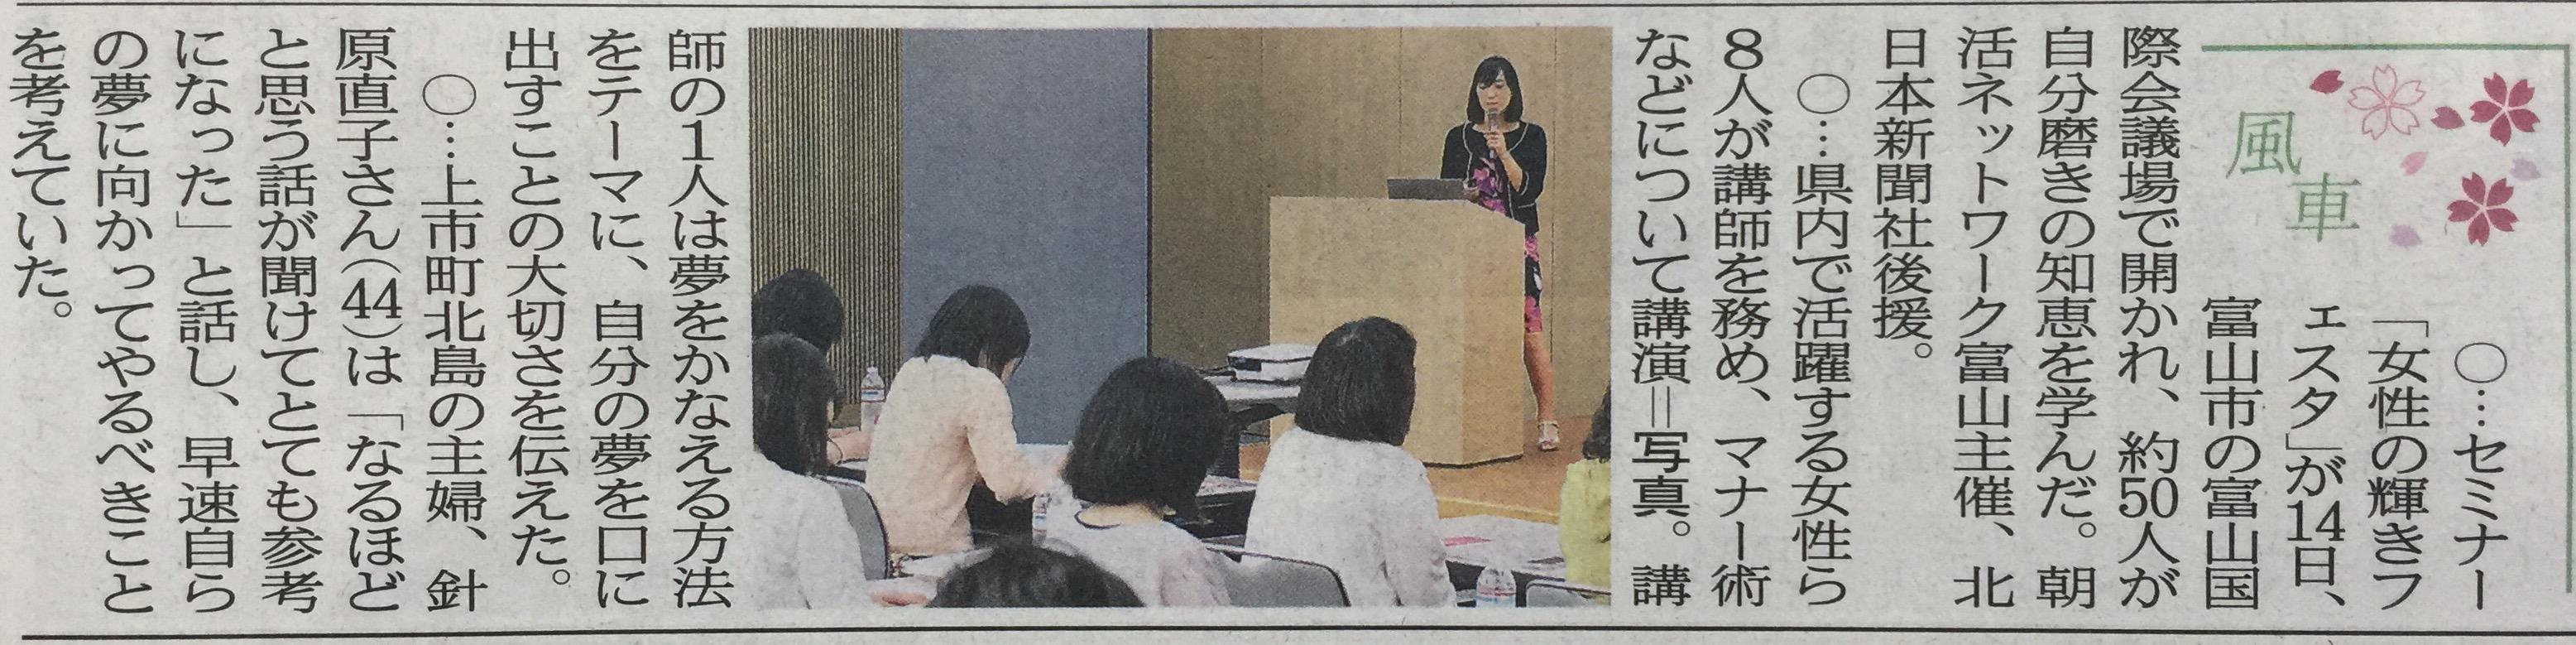 20170515_新聞「北日本新聞」